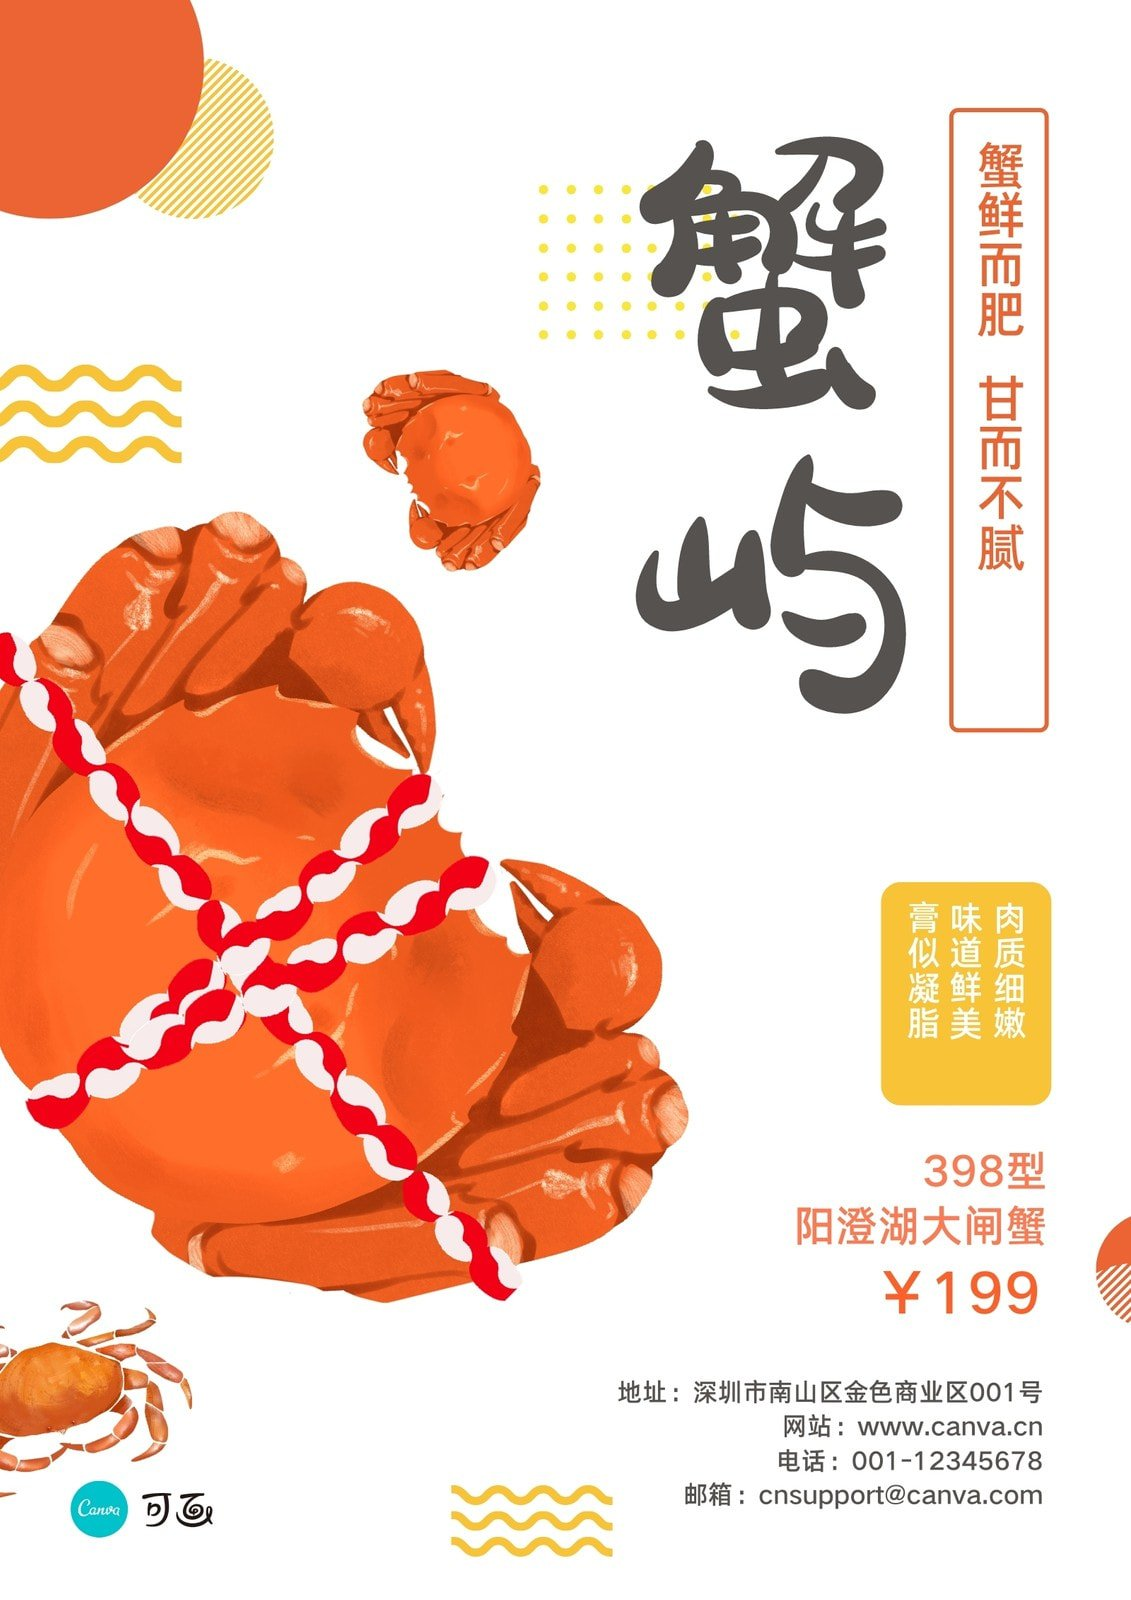 橙白色螃蟹创意餐饮促销中文海报